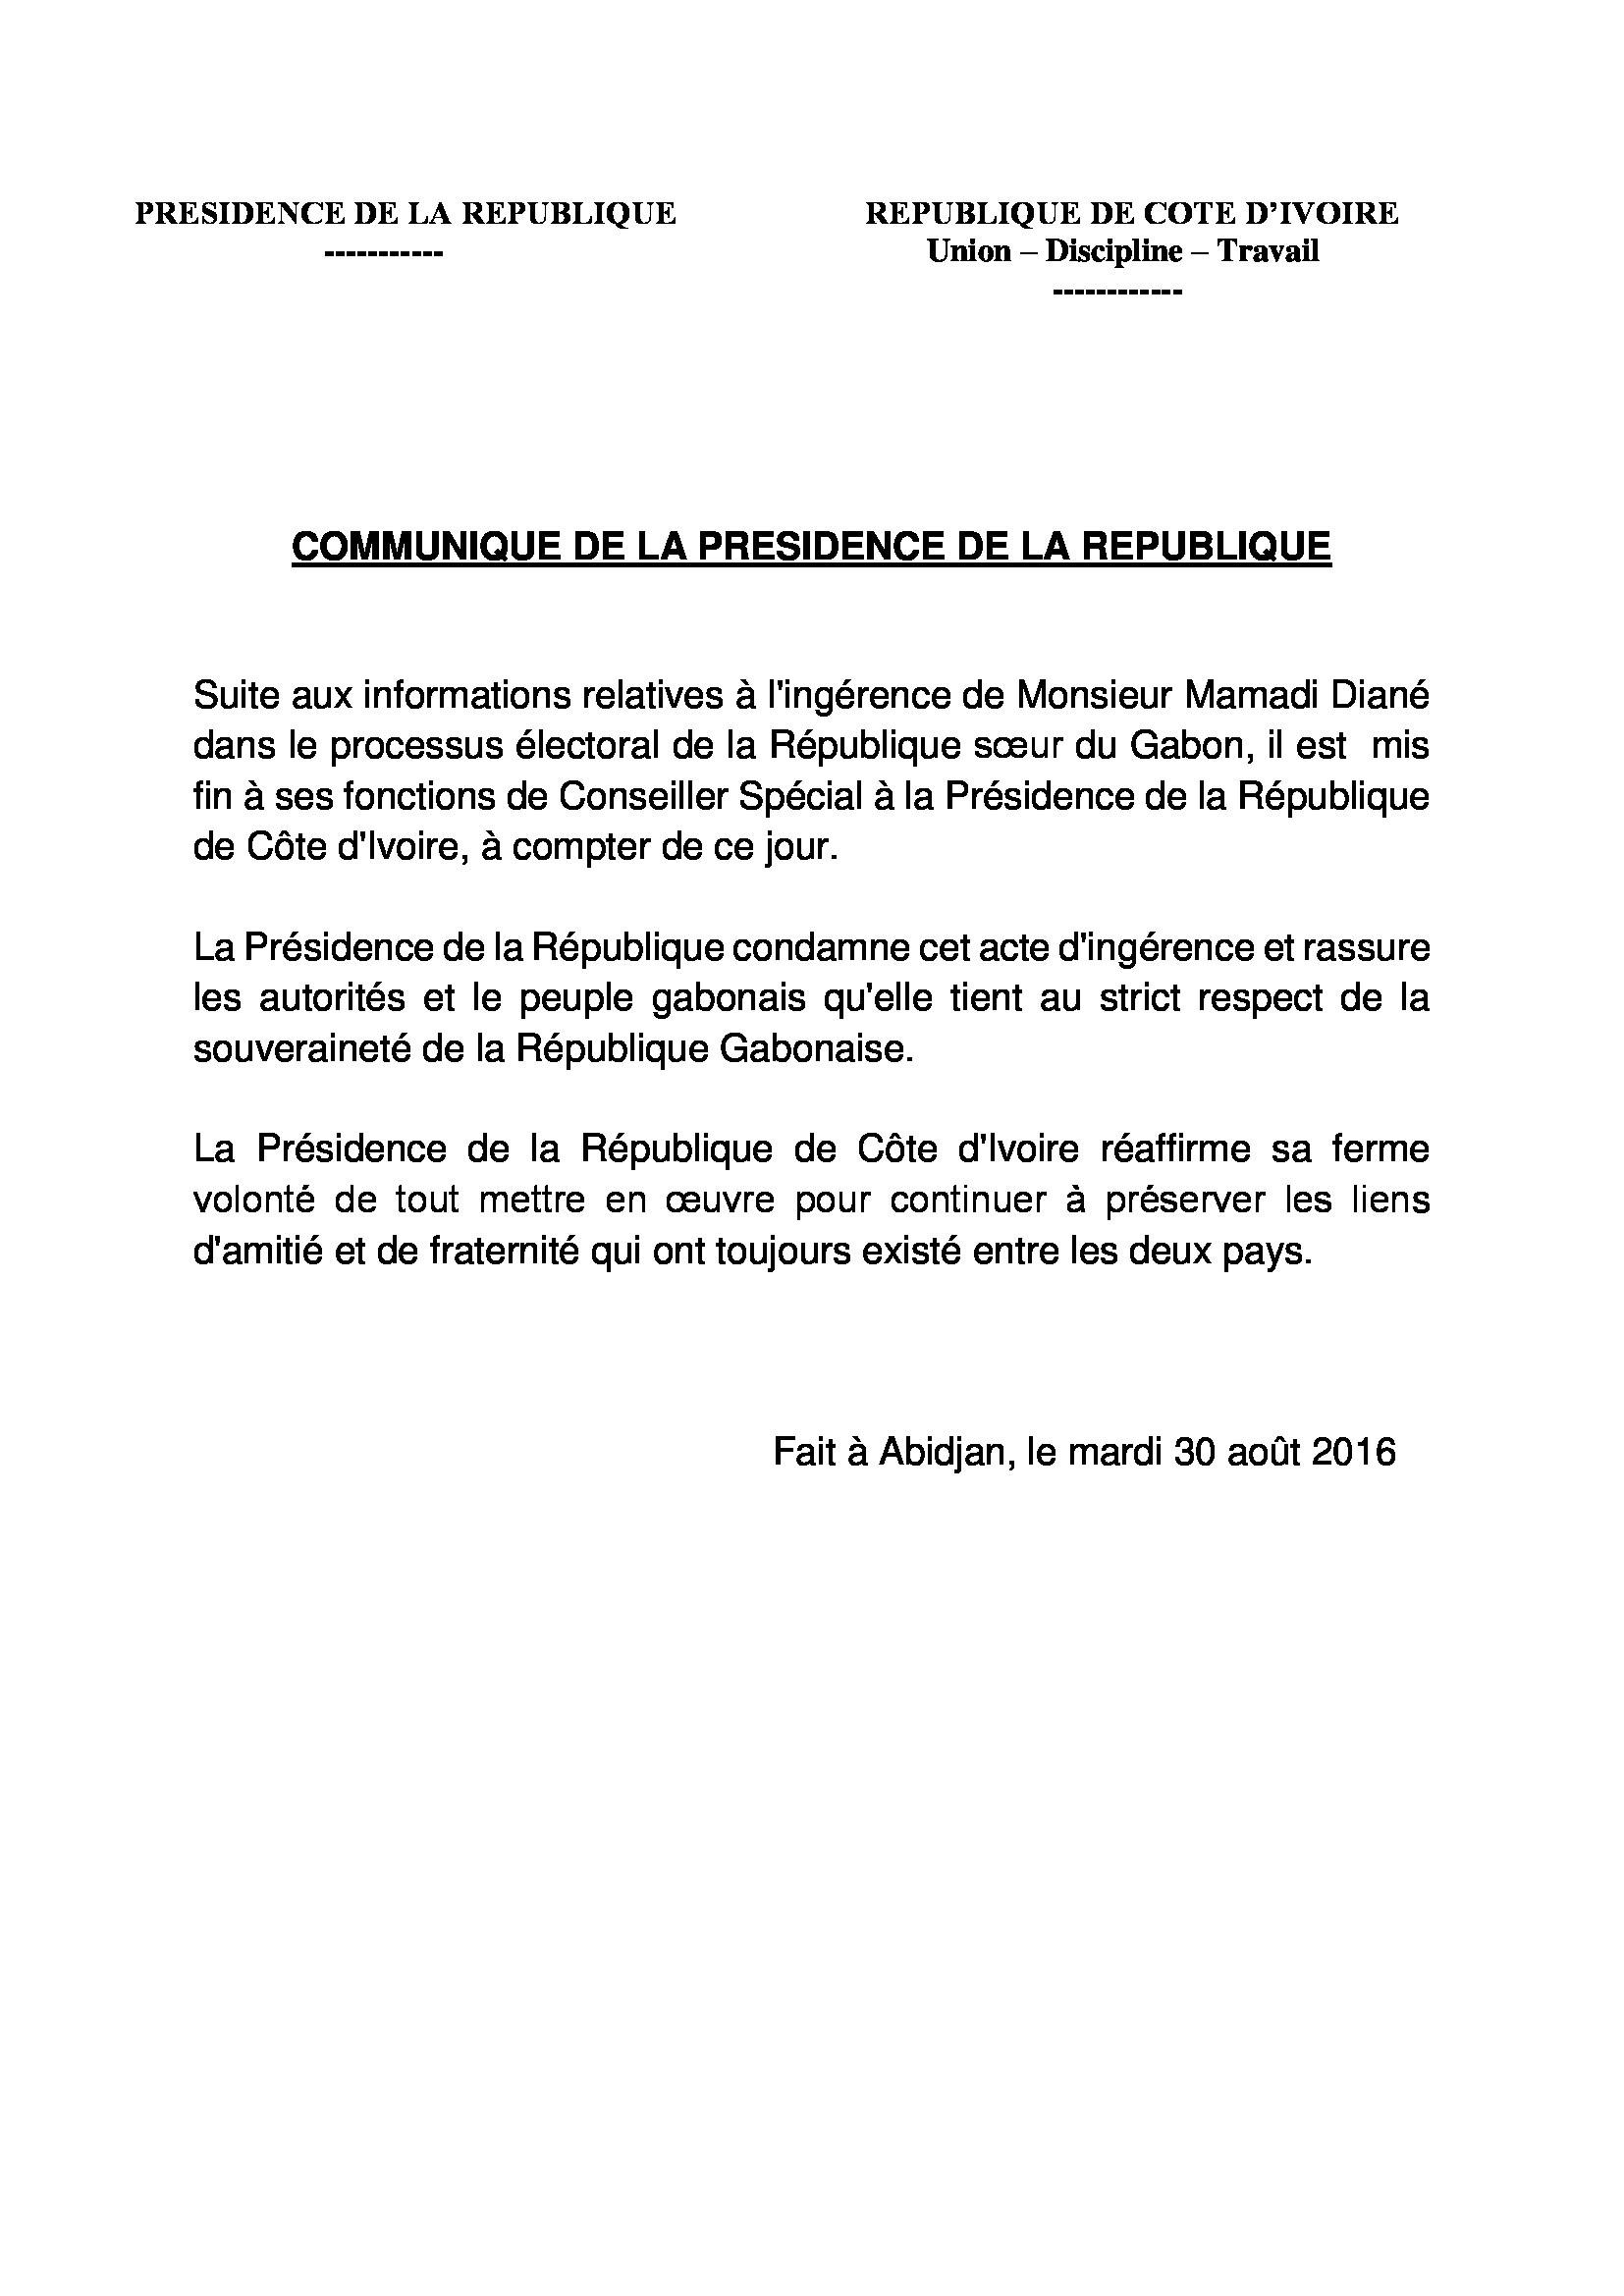 Communique-PR-Gabon-le-30-août-2016